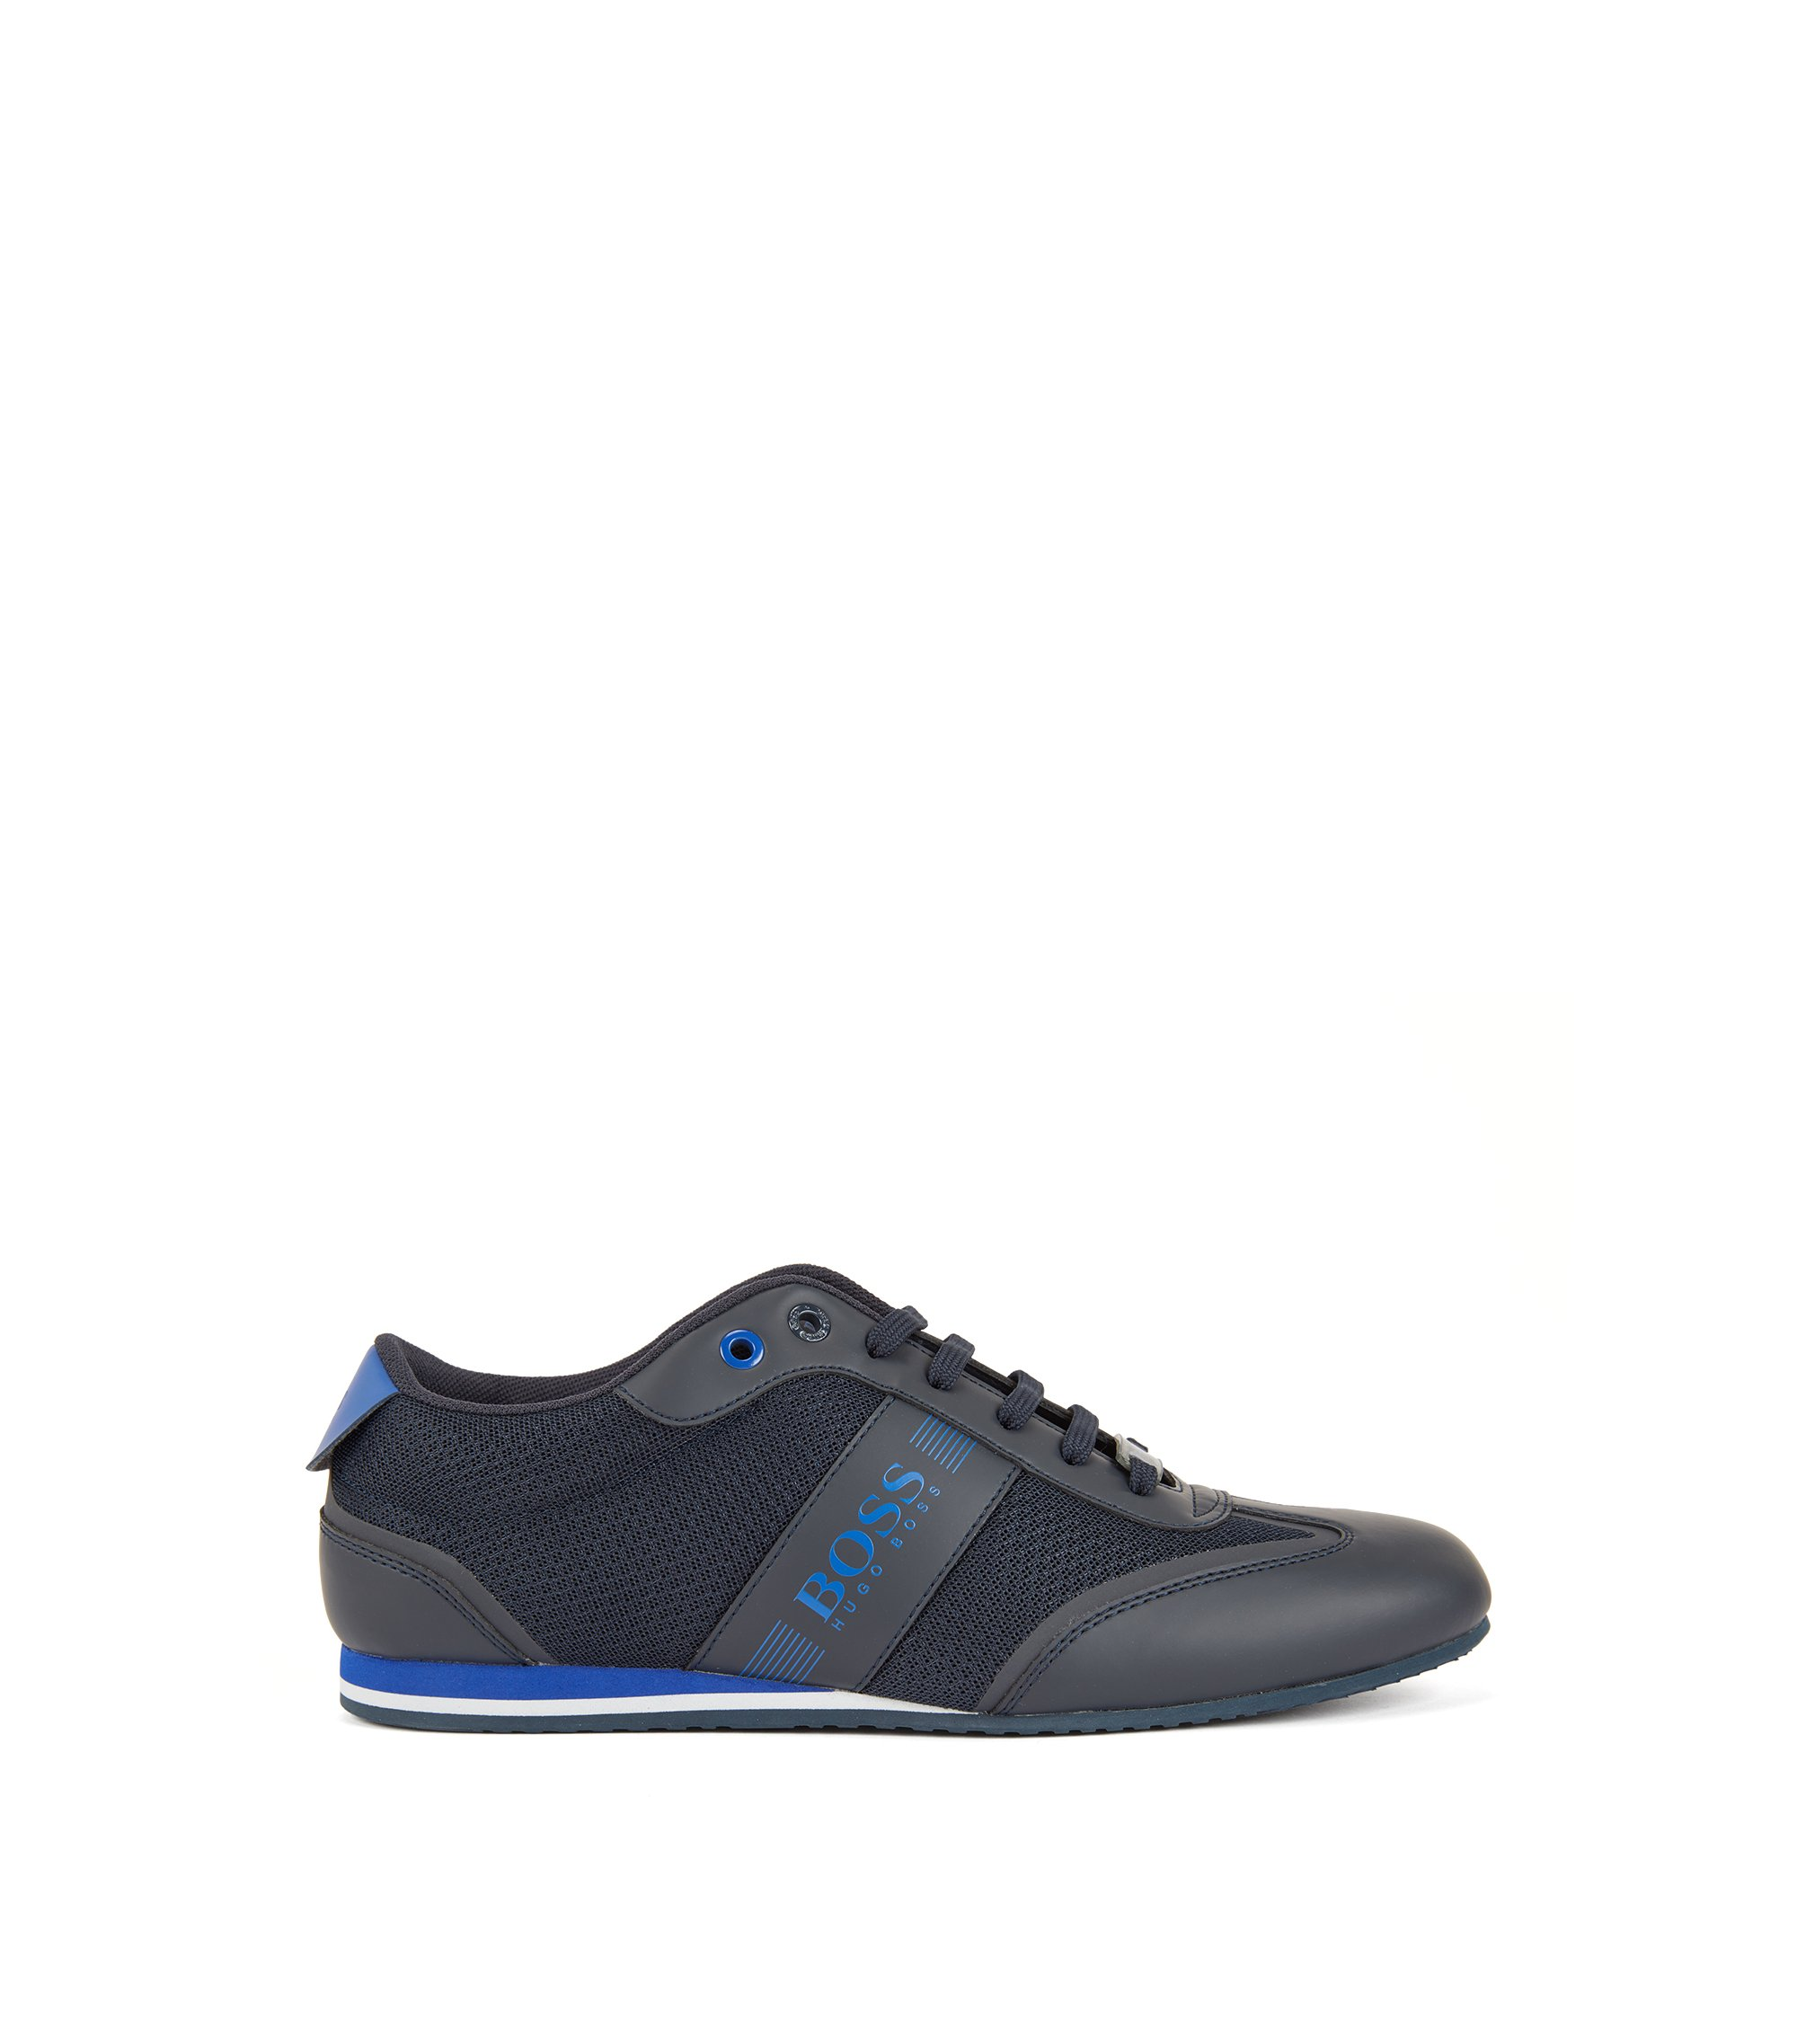 Chaussures de sport lacées, avec détail en mesh, Bleu foncé